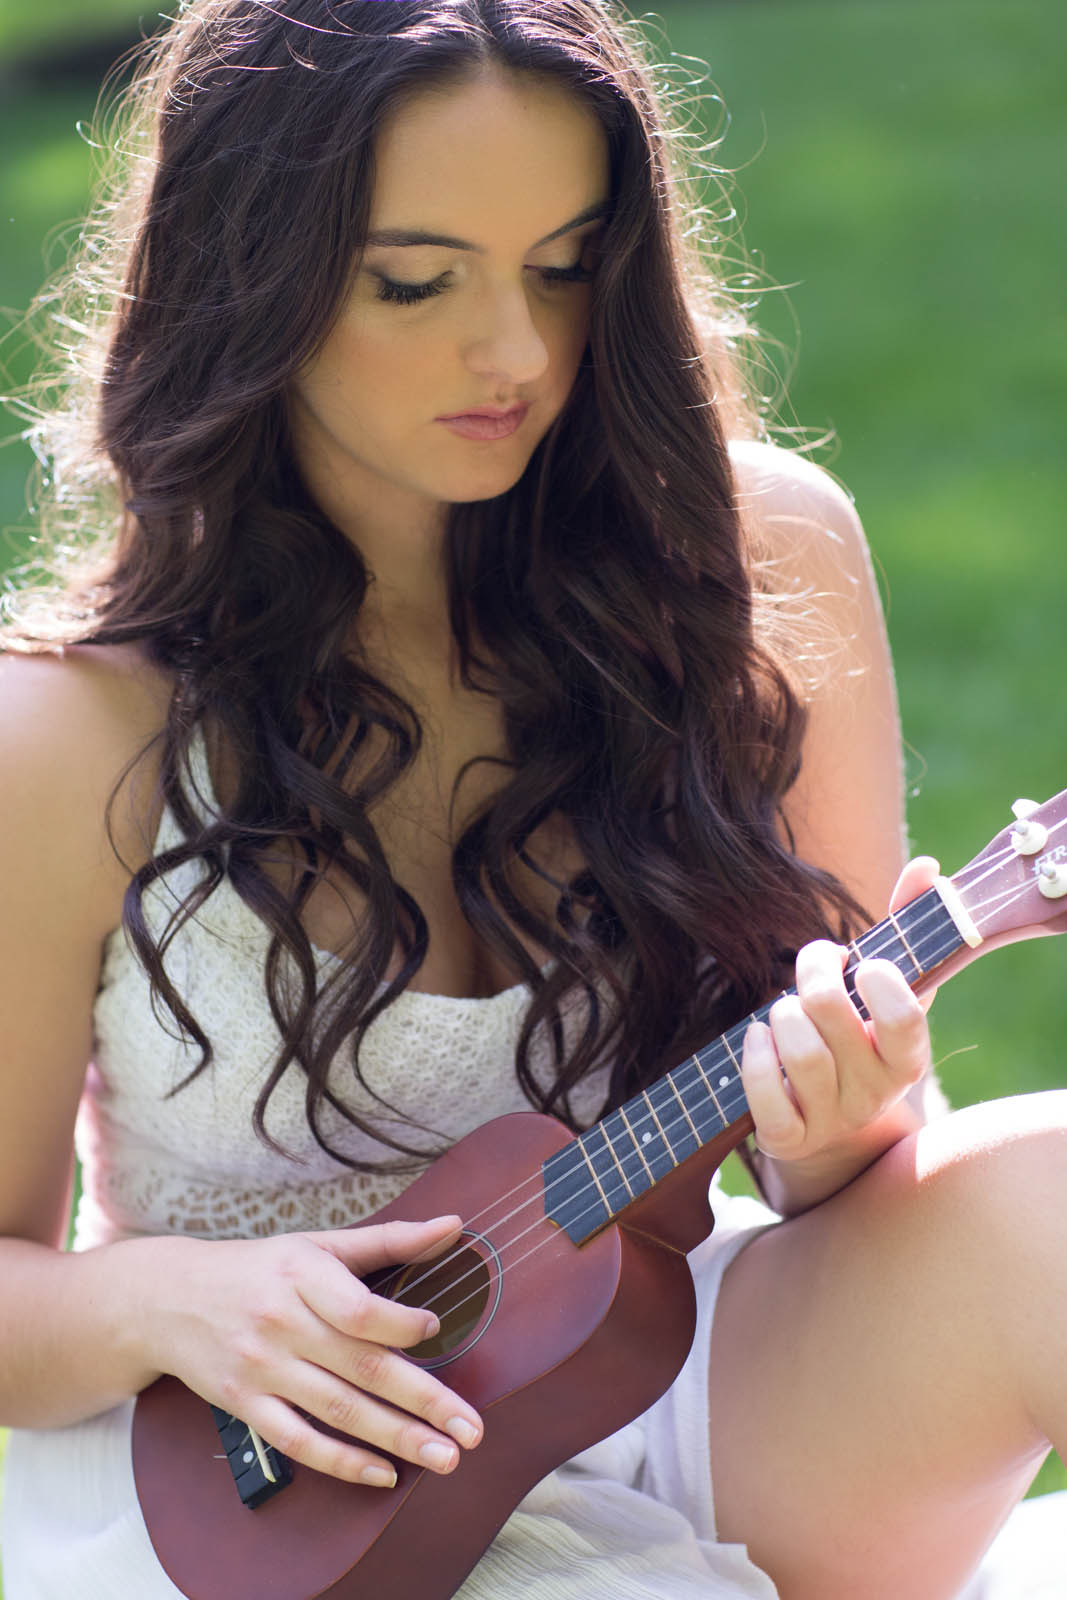 Teen girl playing ukelele during senior pictures